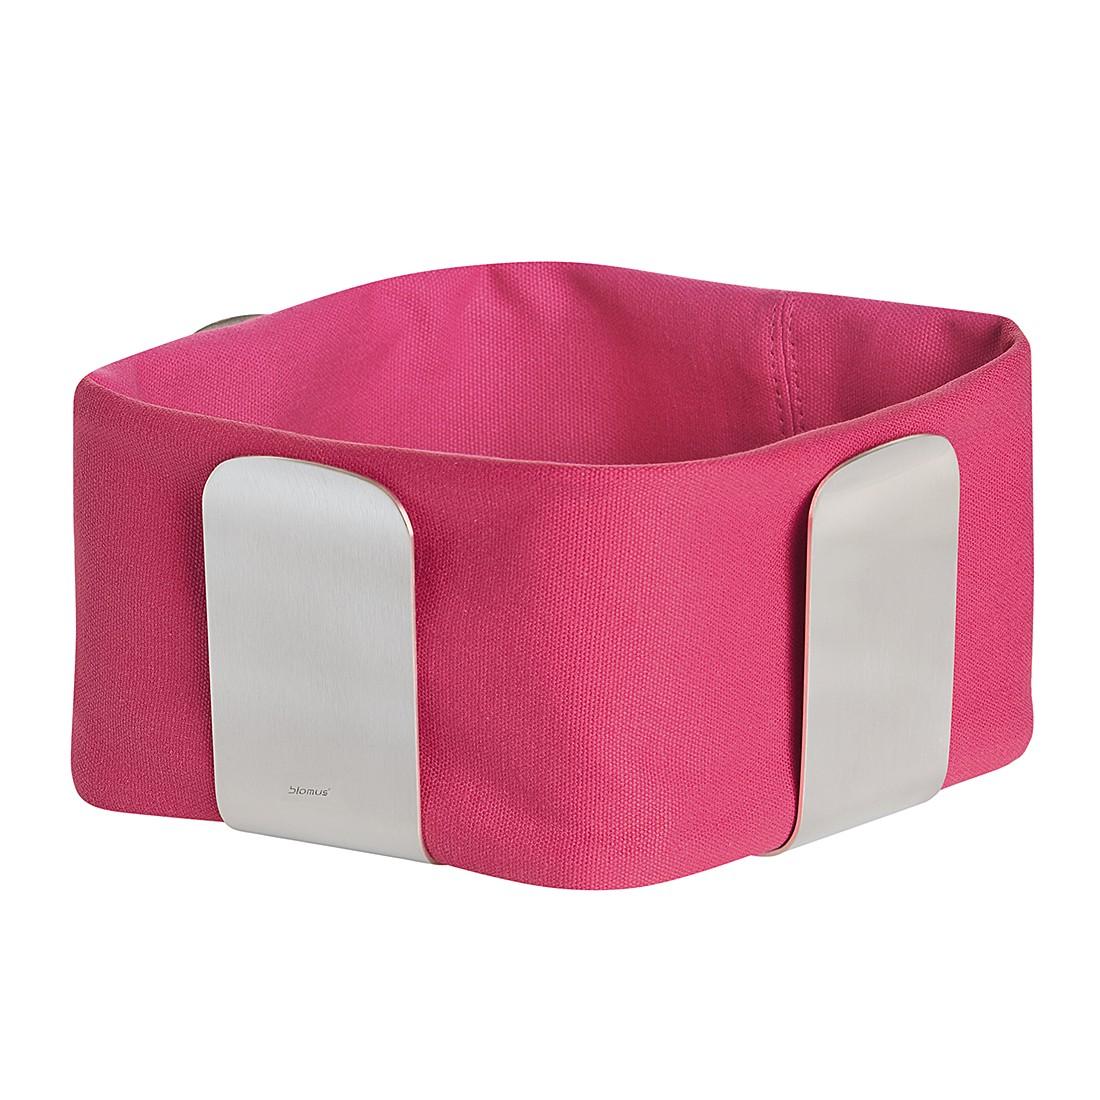 Stofftasche für Brotkorb Desa – Pink, klein, Blomus günstig online kaufen